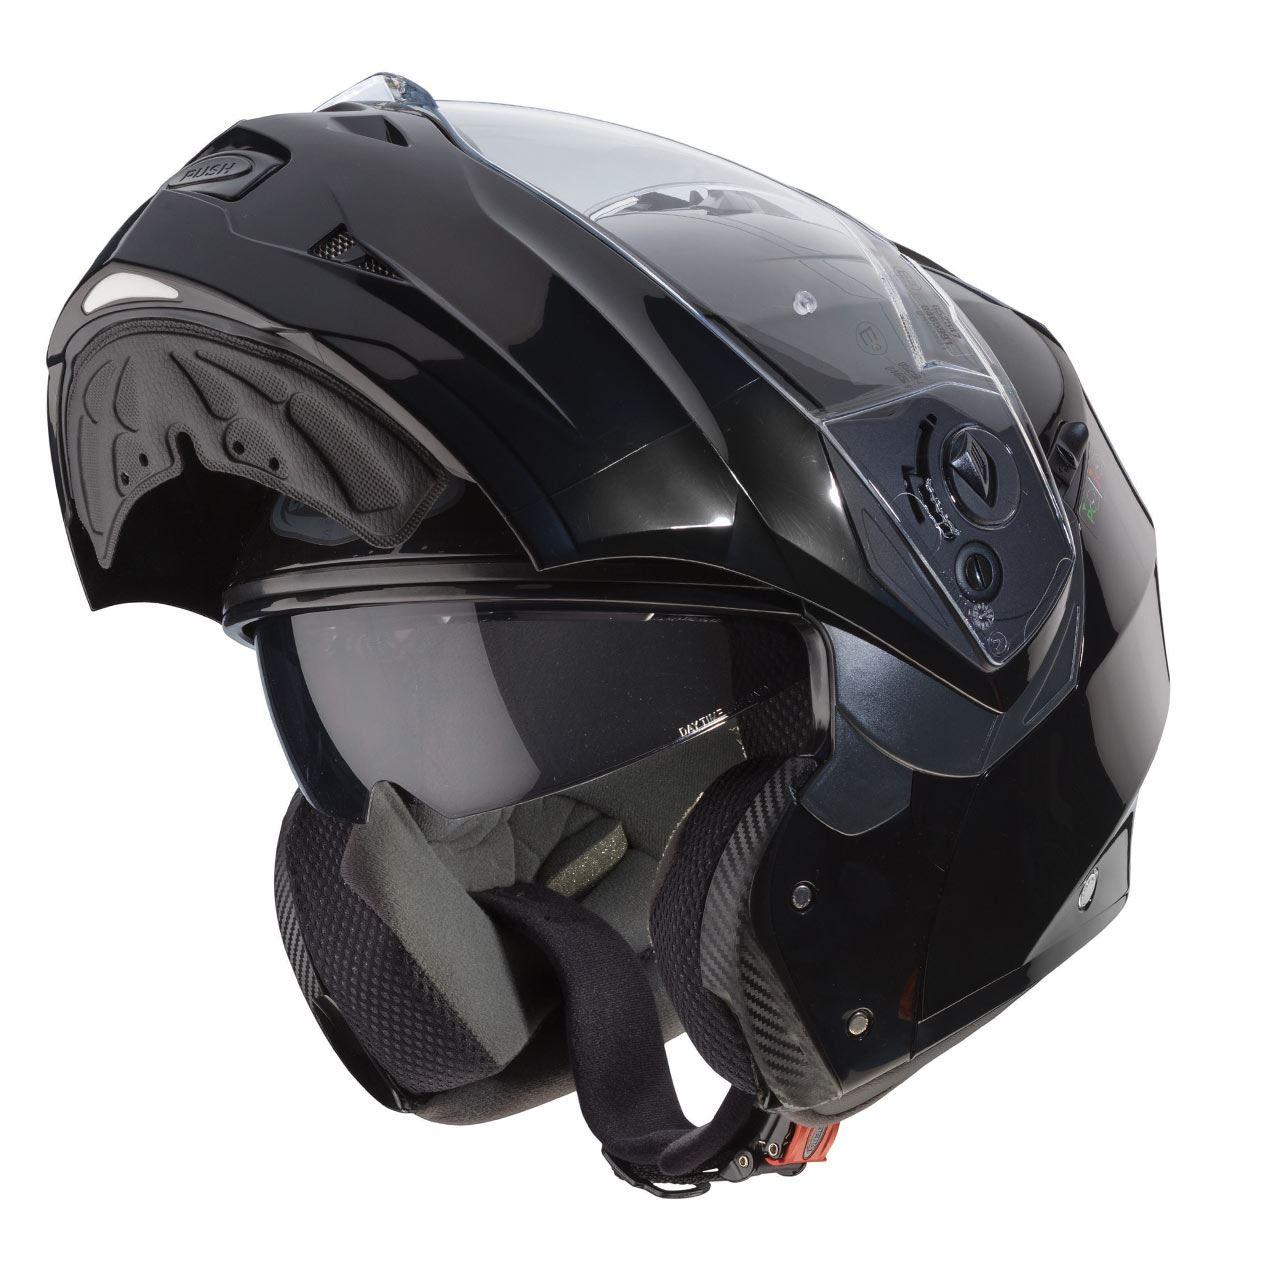 Caberg-Duke-II-Flip-Front-Motorcycle-Helmet-Modular-Bike-Sun-Visor-amp-Pinlock thumbnail 28